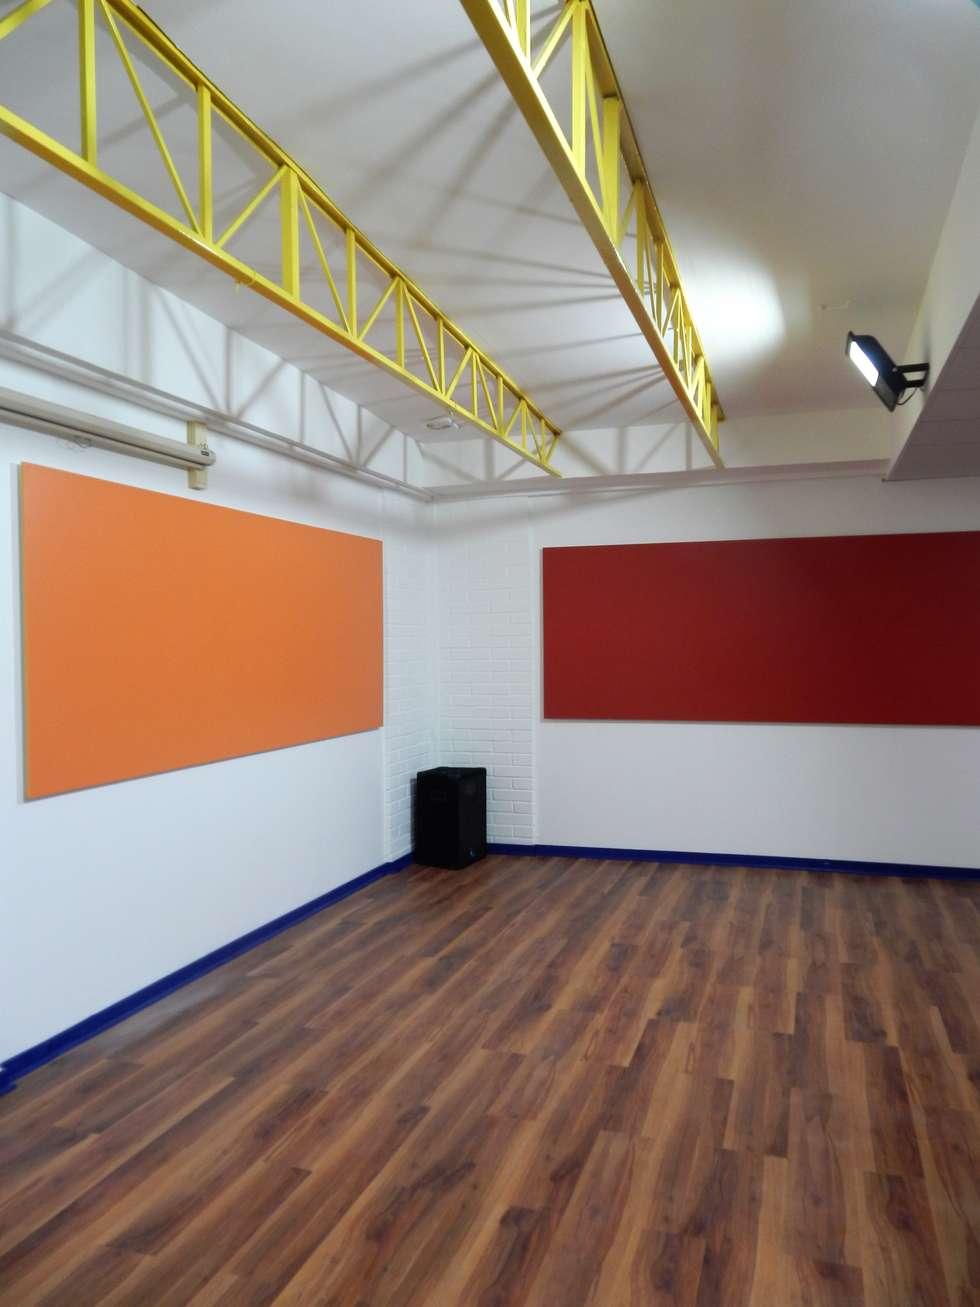 REMODELACION COLEGIO ALAMIRO, Sala de Audio OTEC: Escuelas de estilo  por CREARCO